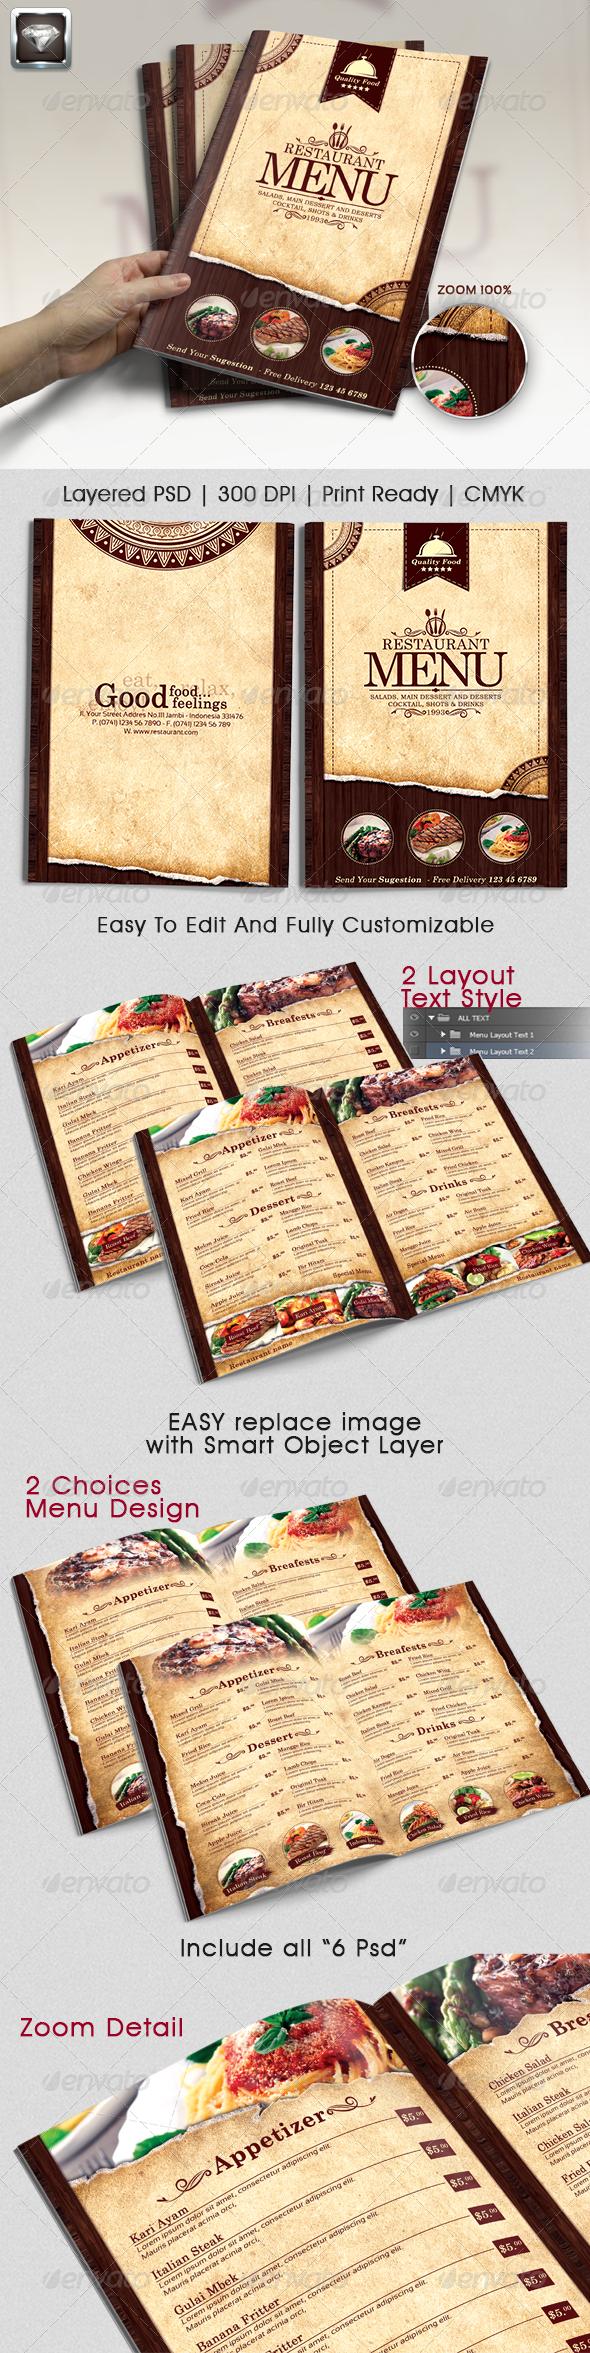 resturant menu templates.html